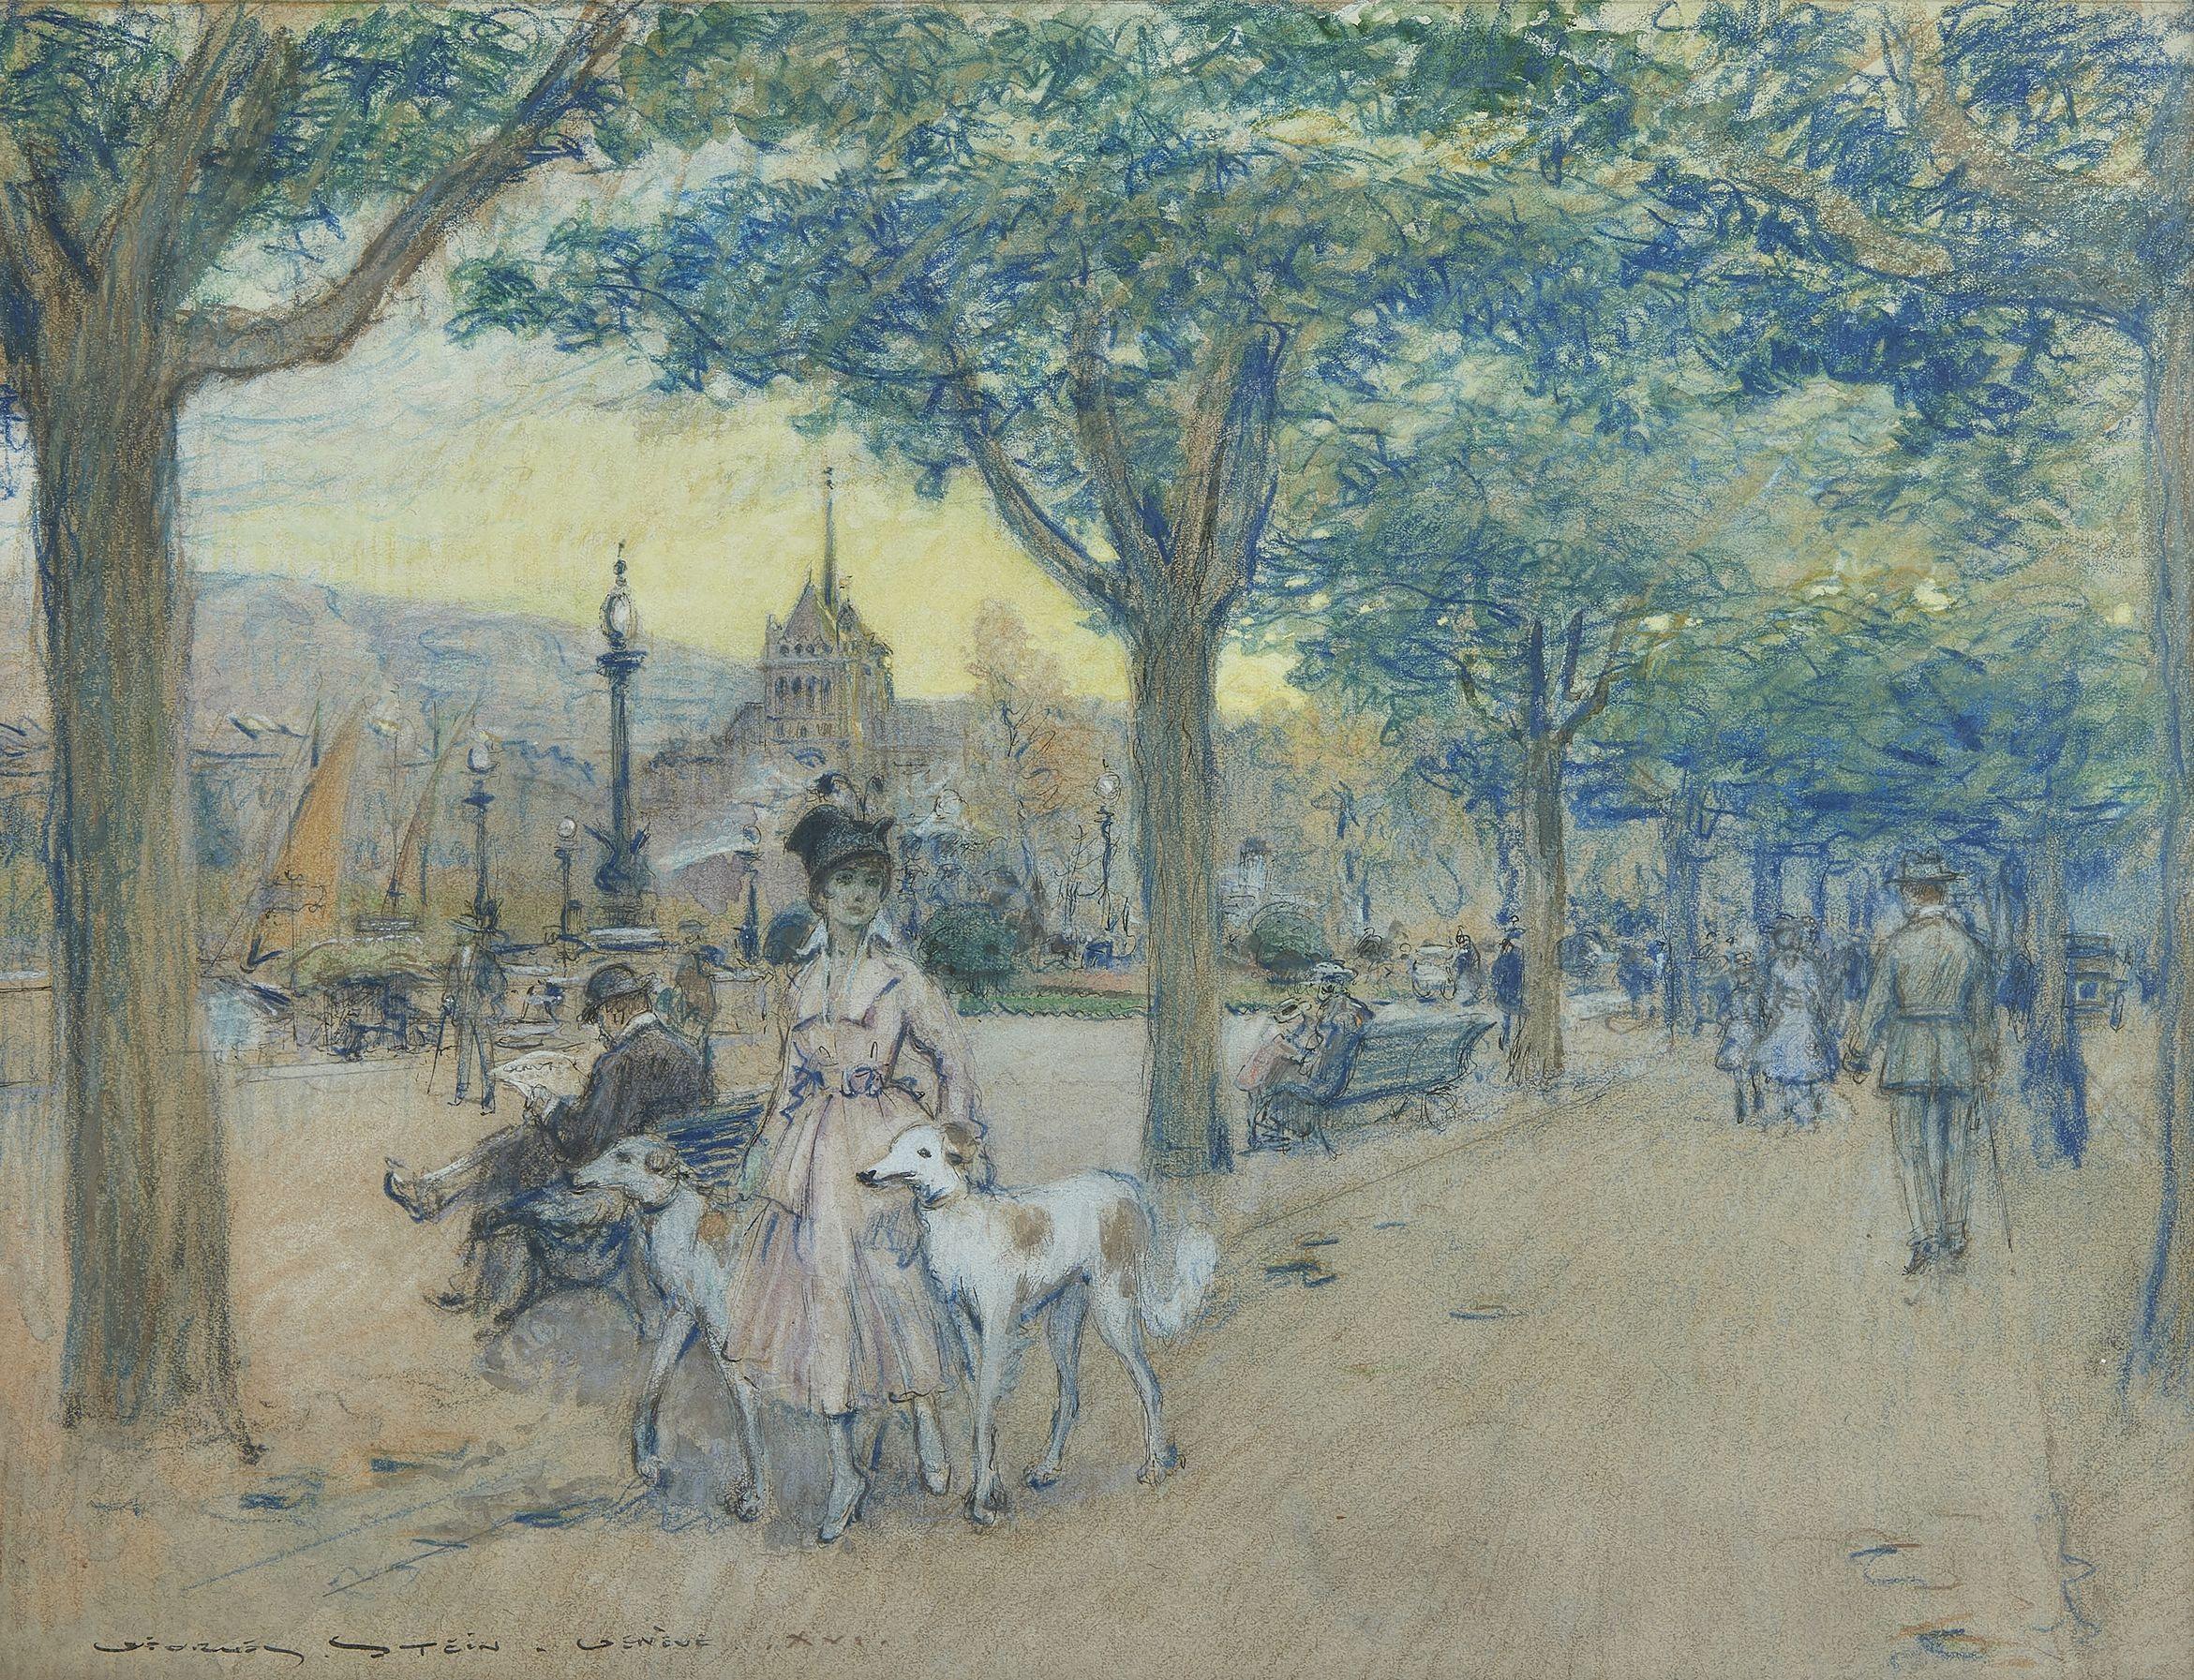 Vente ONLINE ONLY 1/6: Estampes, dessins et tableaux chez Genève Enchères : 555 lots